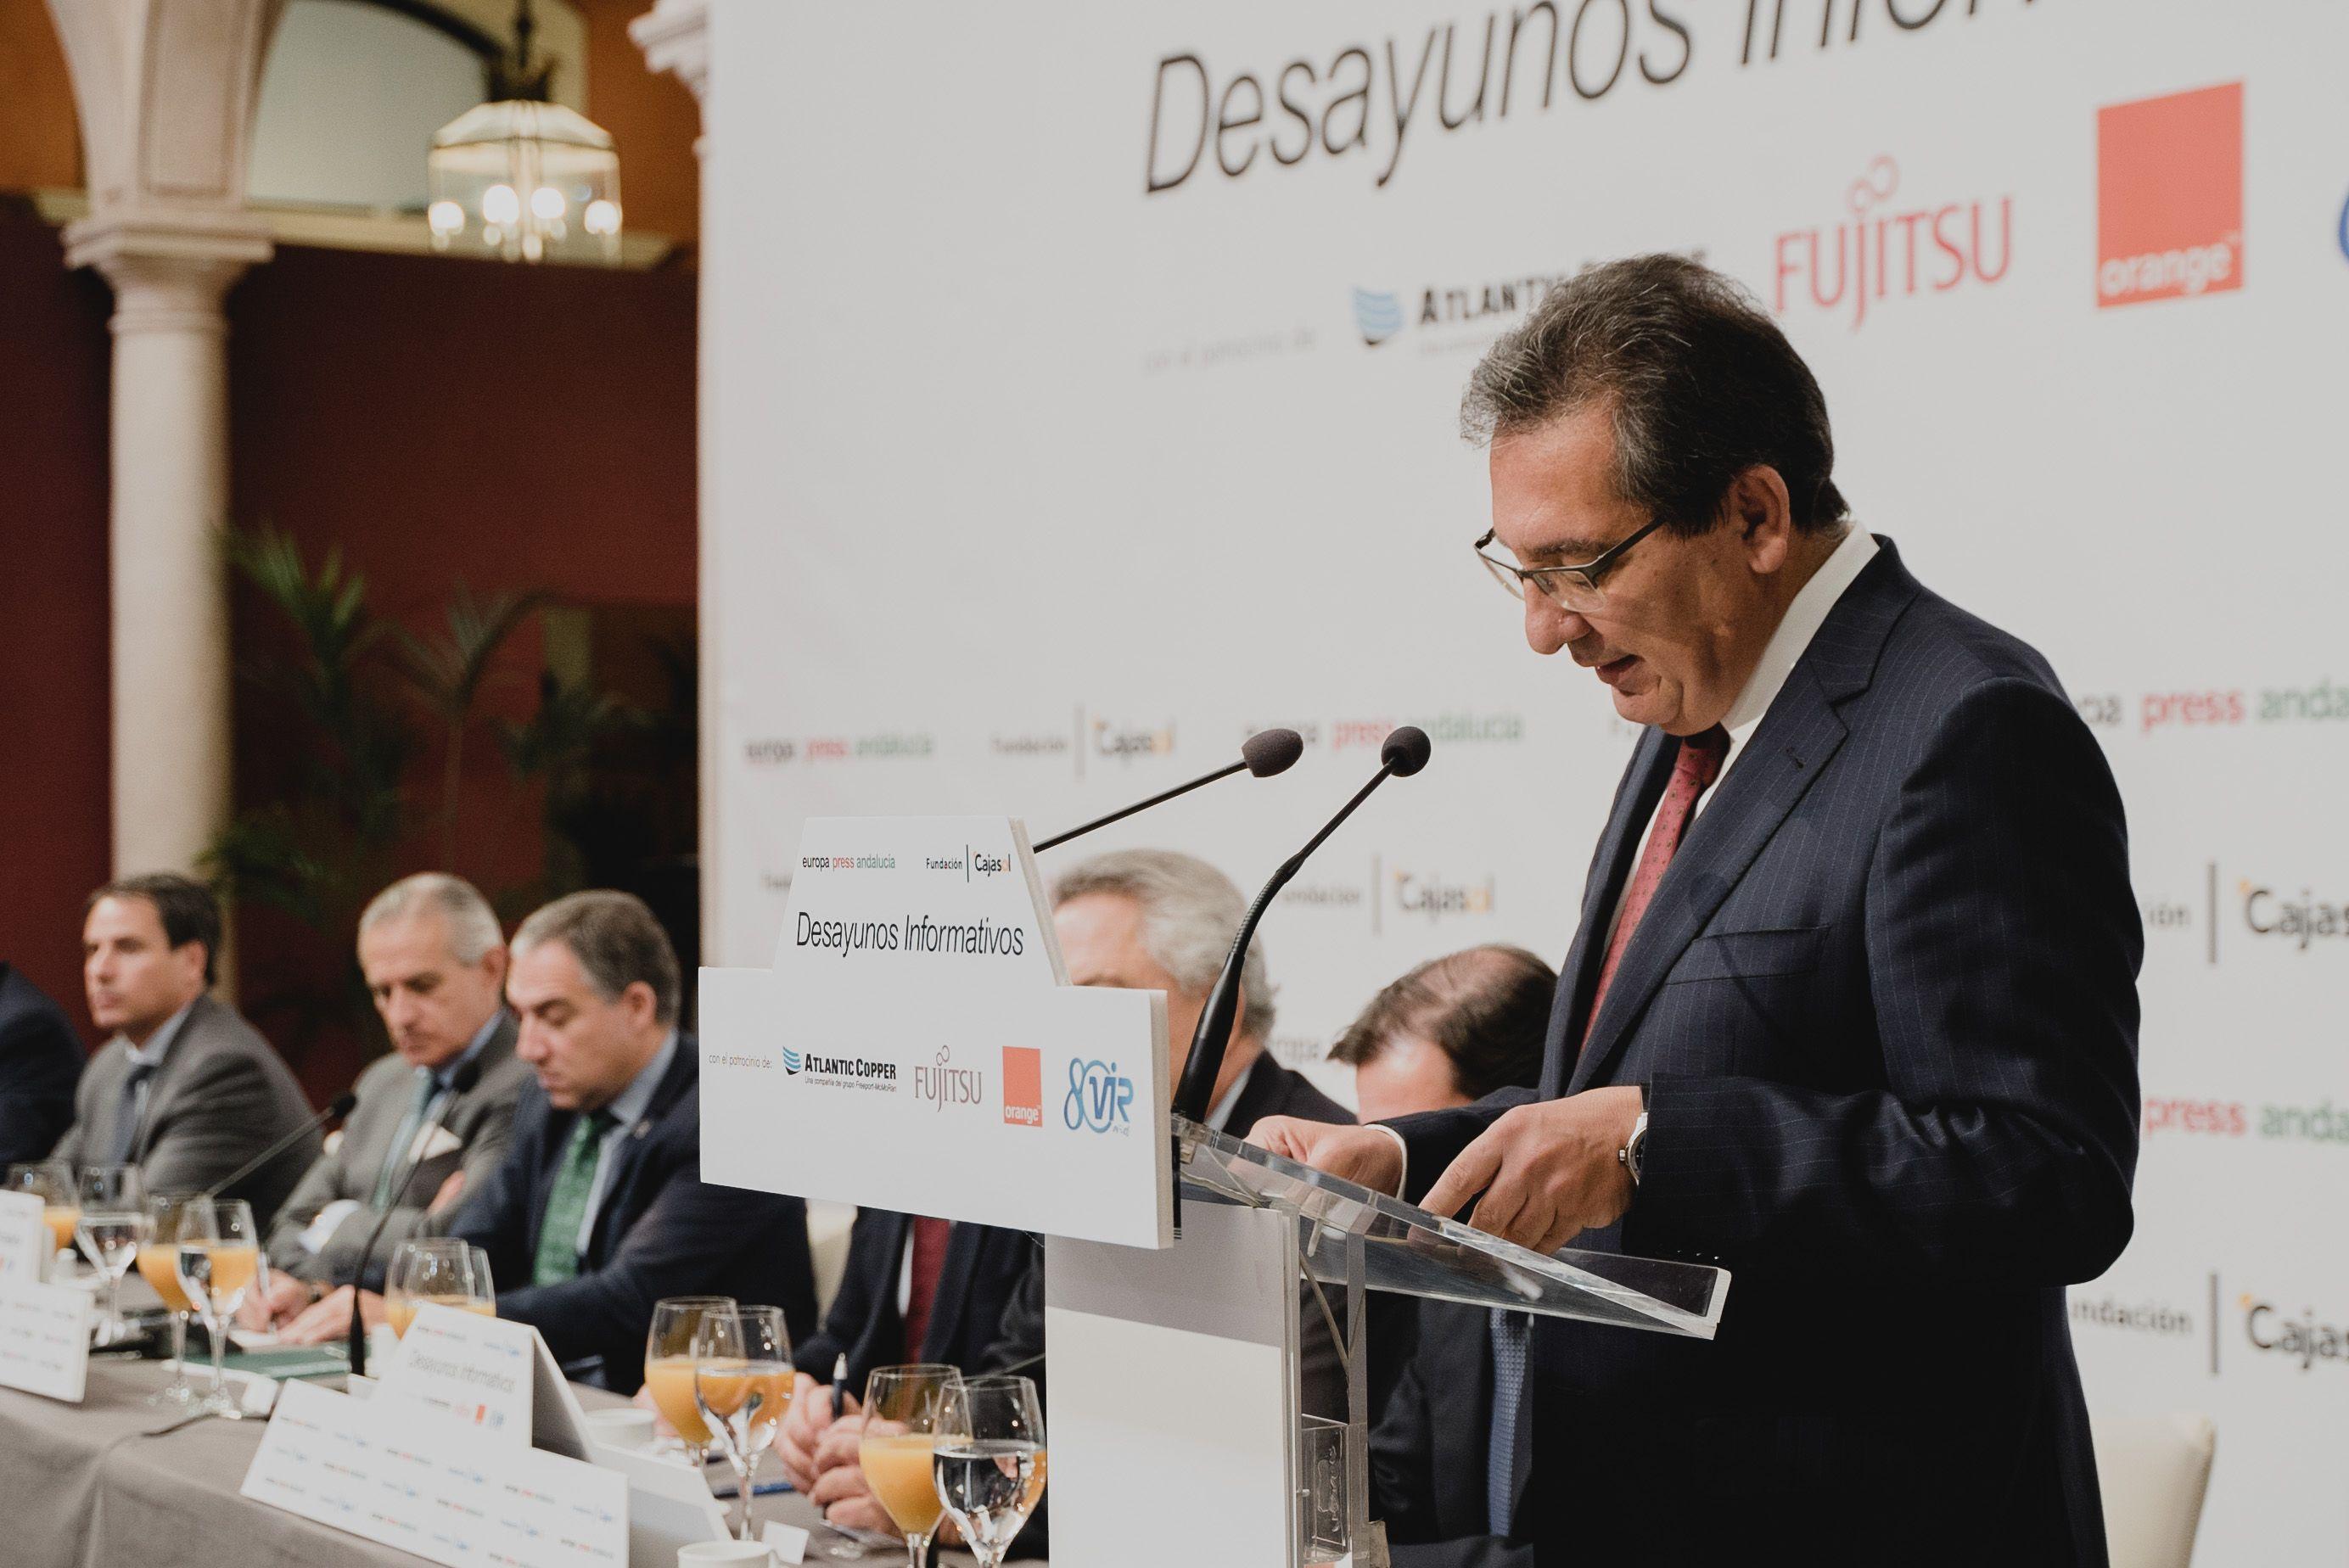 Intervención de Don Antonio Pulido Gutiérrez